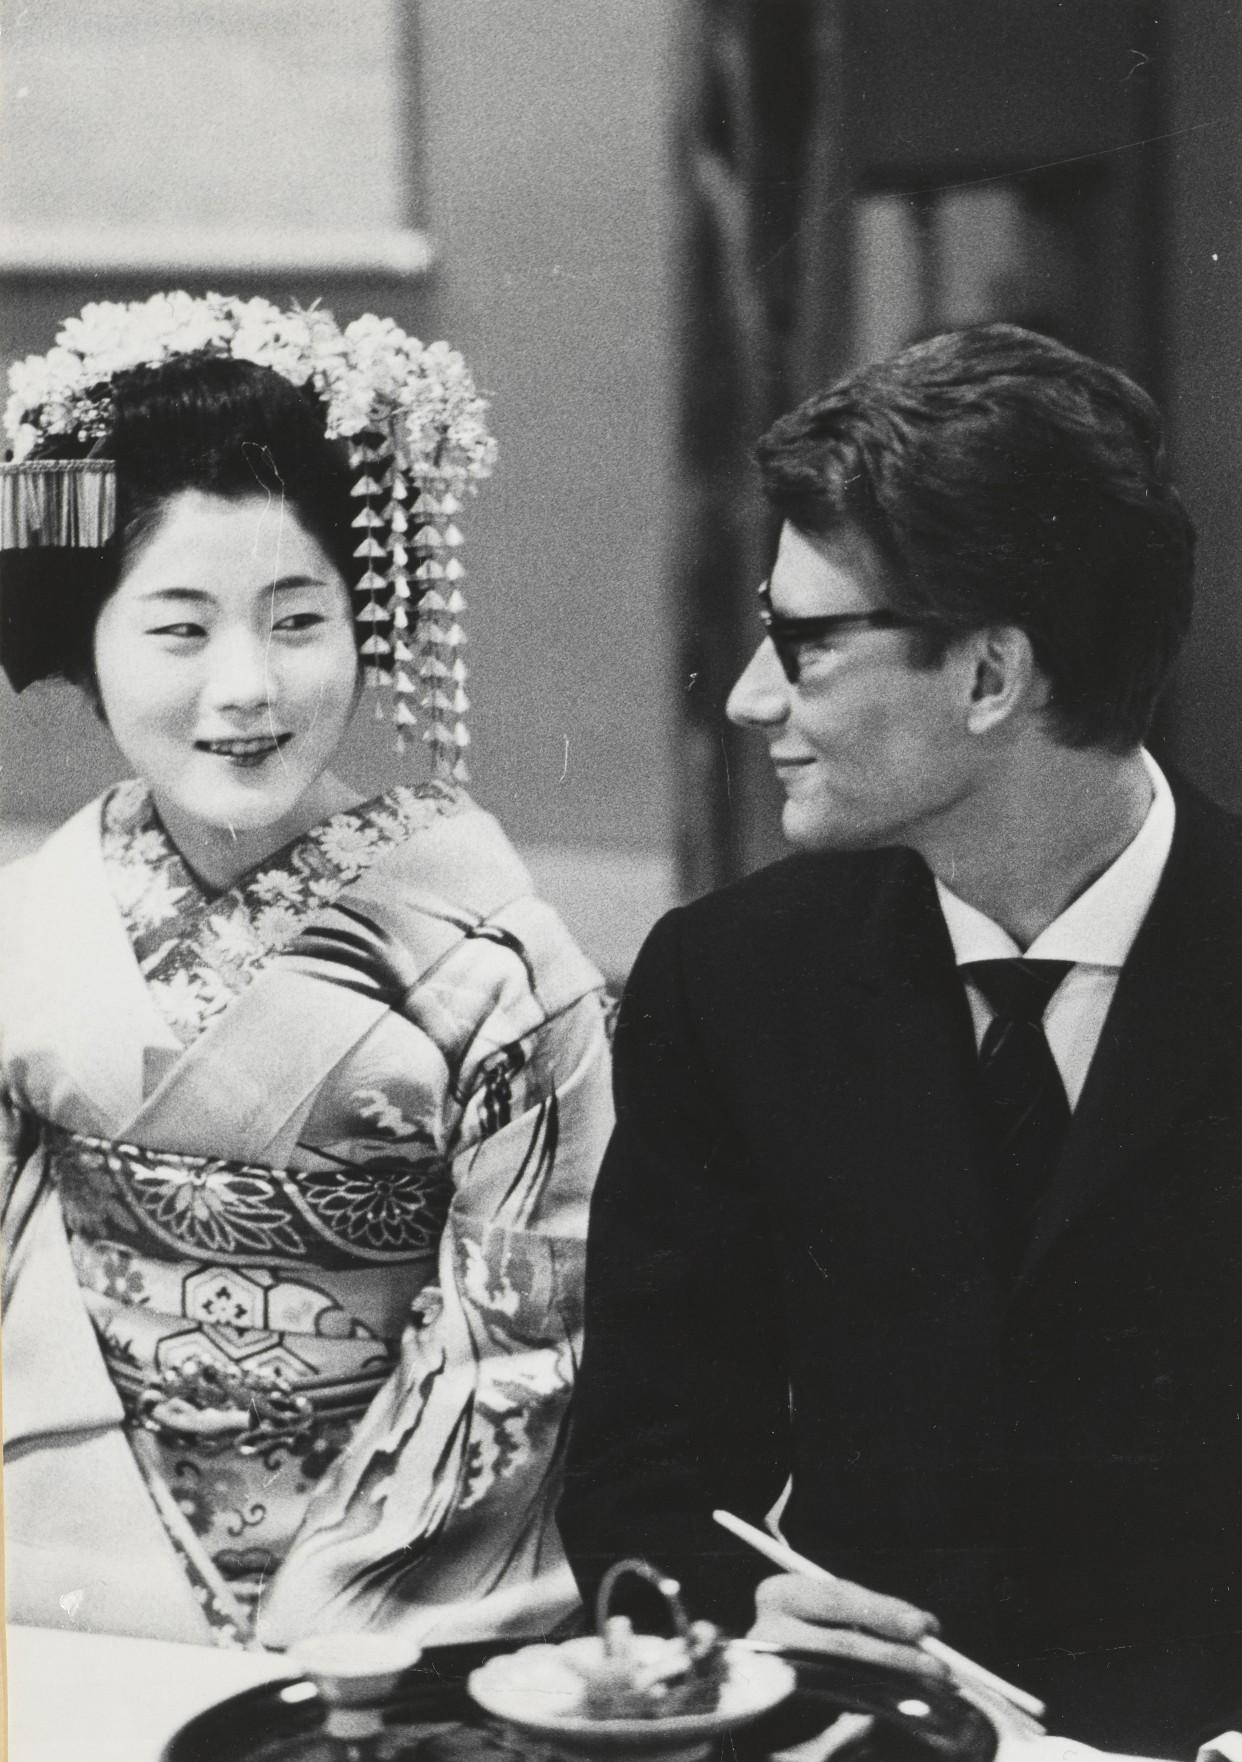 16 - Yves Saint Laurent en compagnie d'une courtisane, Kyoto, avril 1963 © Droits réservés .jpg